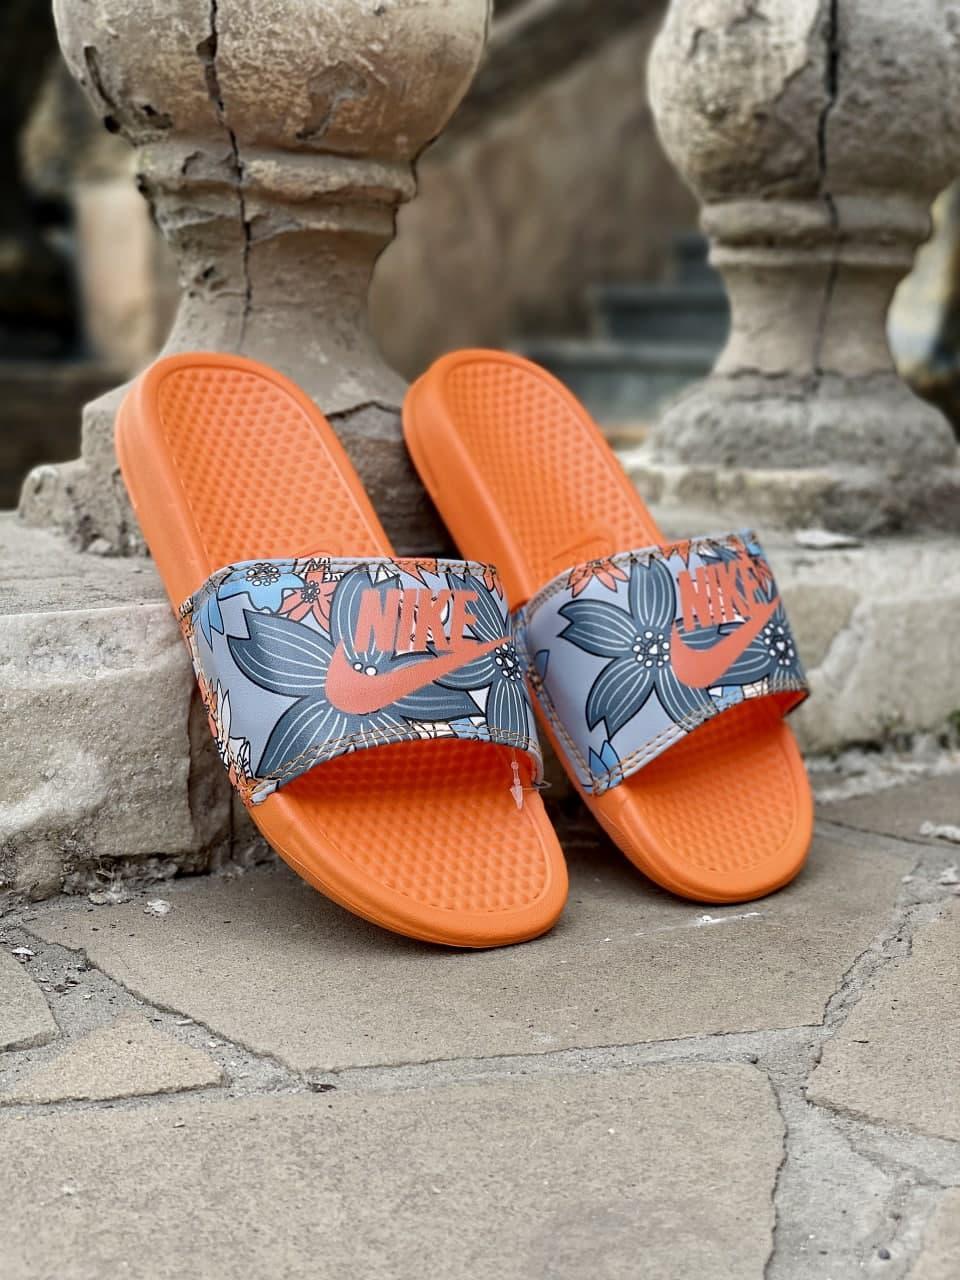 Жіночі шльопанці Nike Benassi (помаранчеві) J225 круті літні тапочки